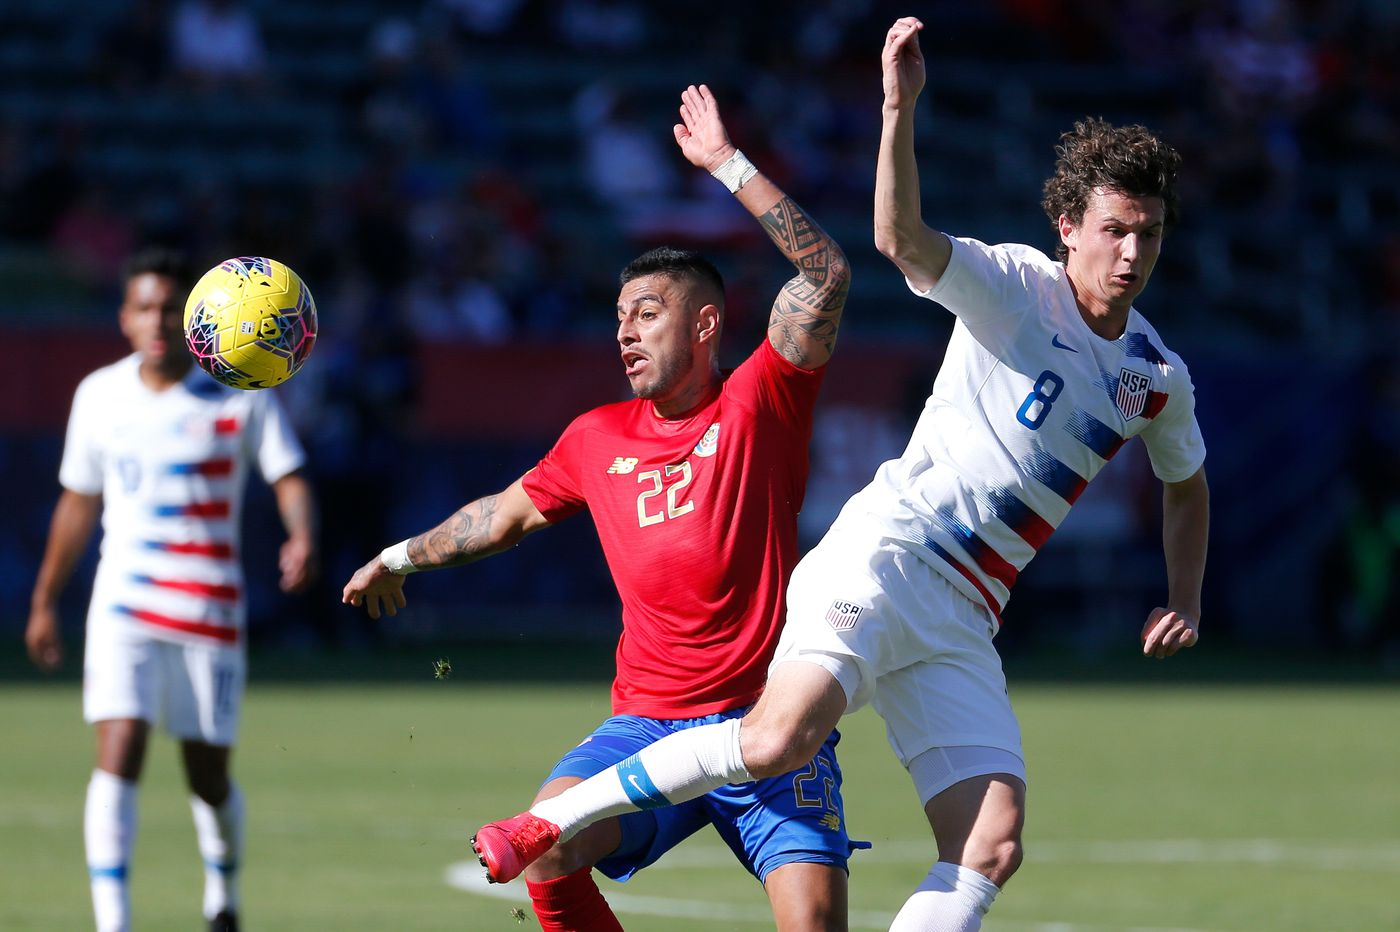 Union's Brenden Aaronson, Mark McKenzie get USMNT debuts in 1-0 win over Costa Rica